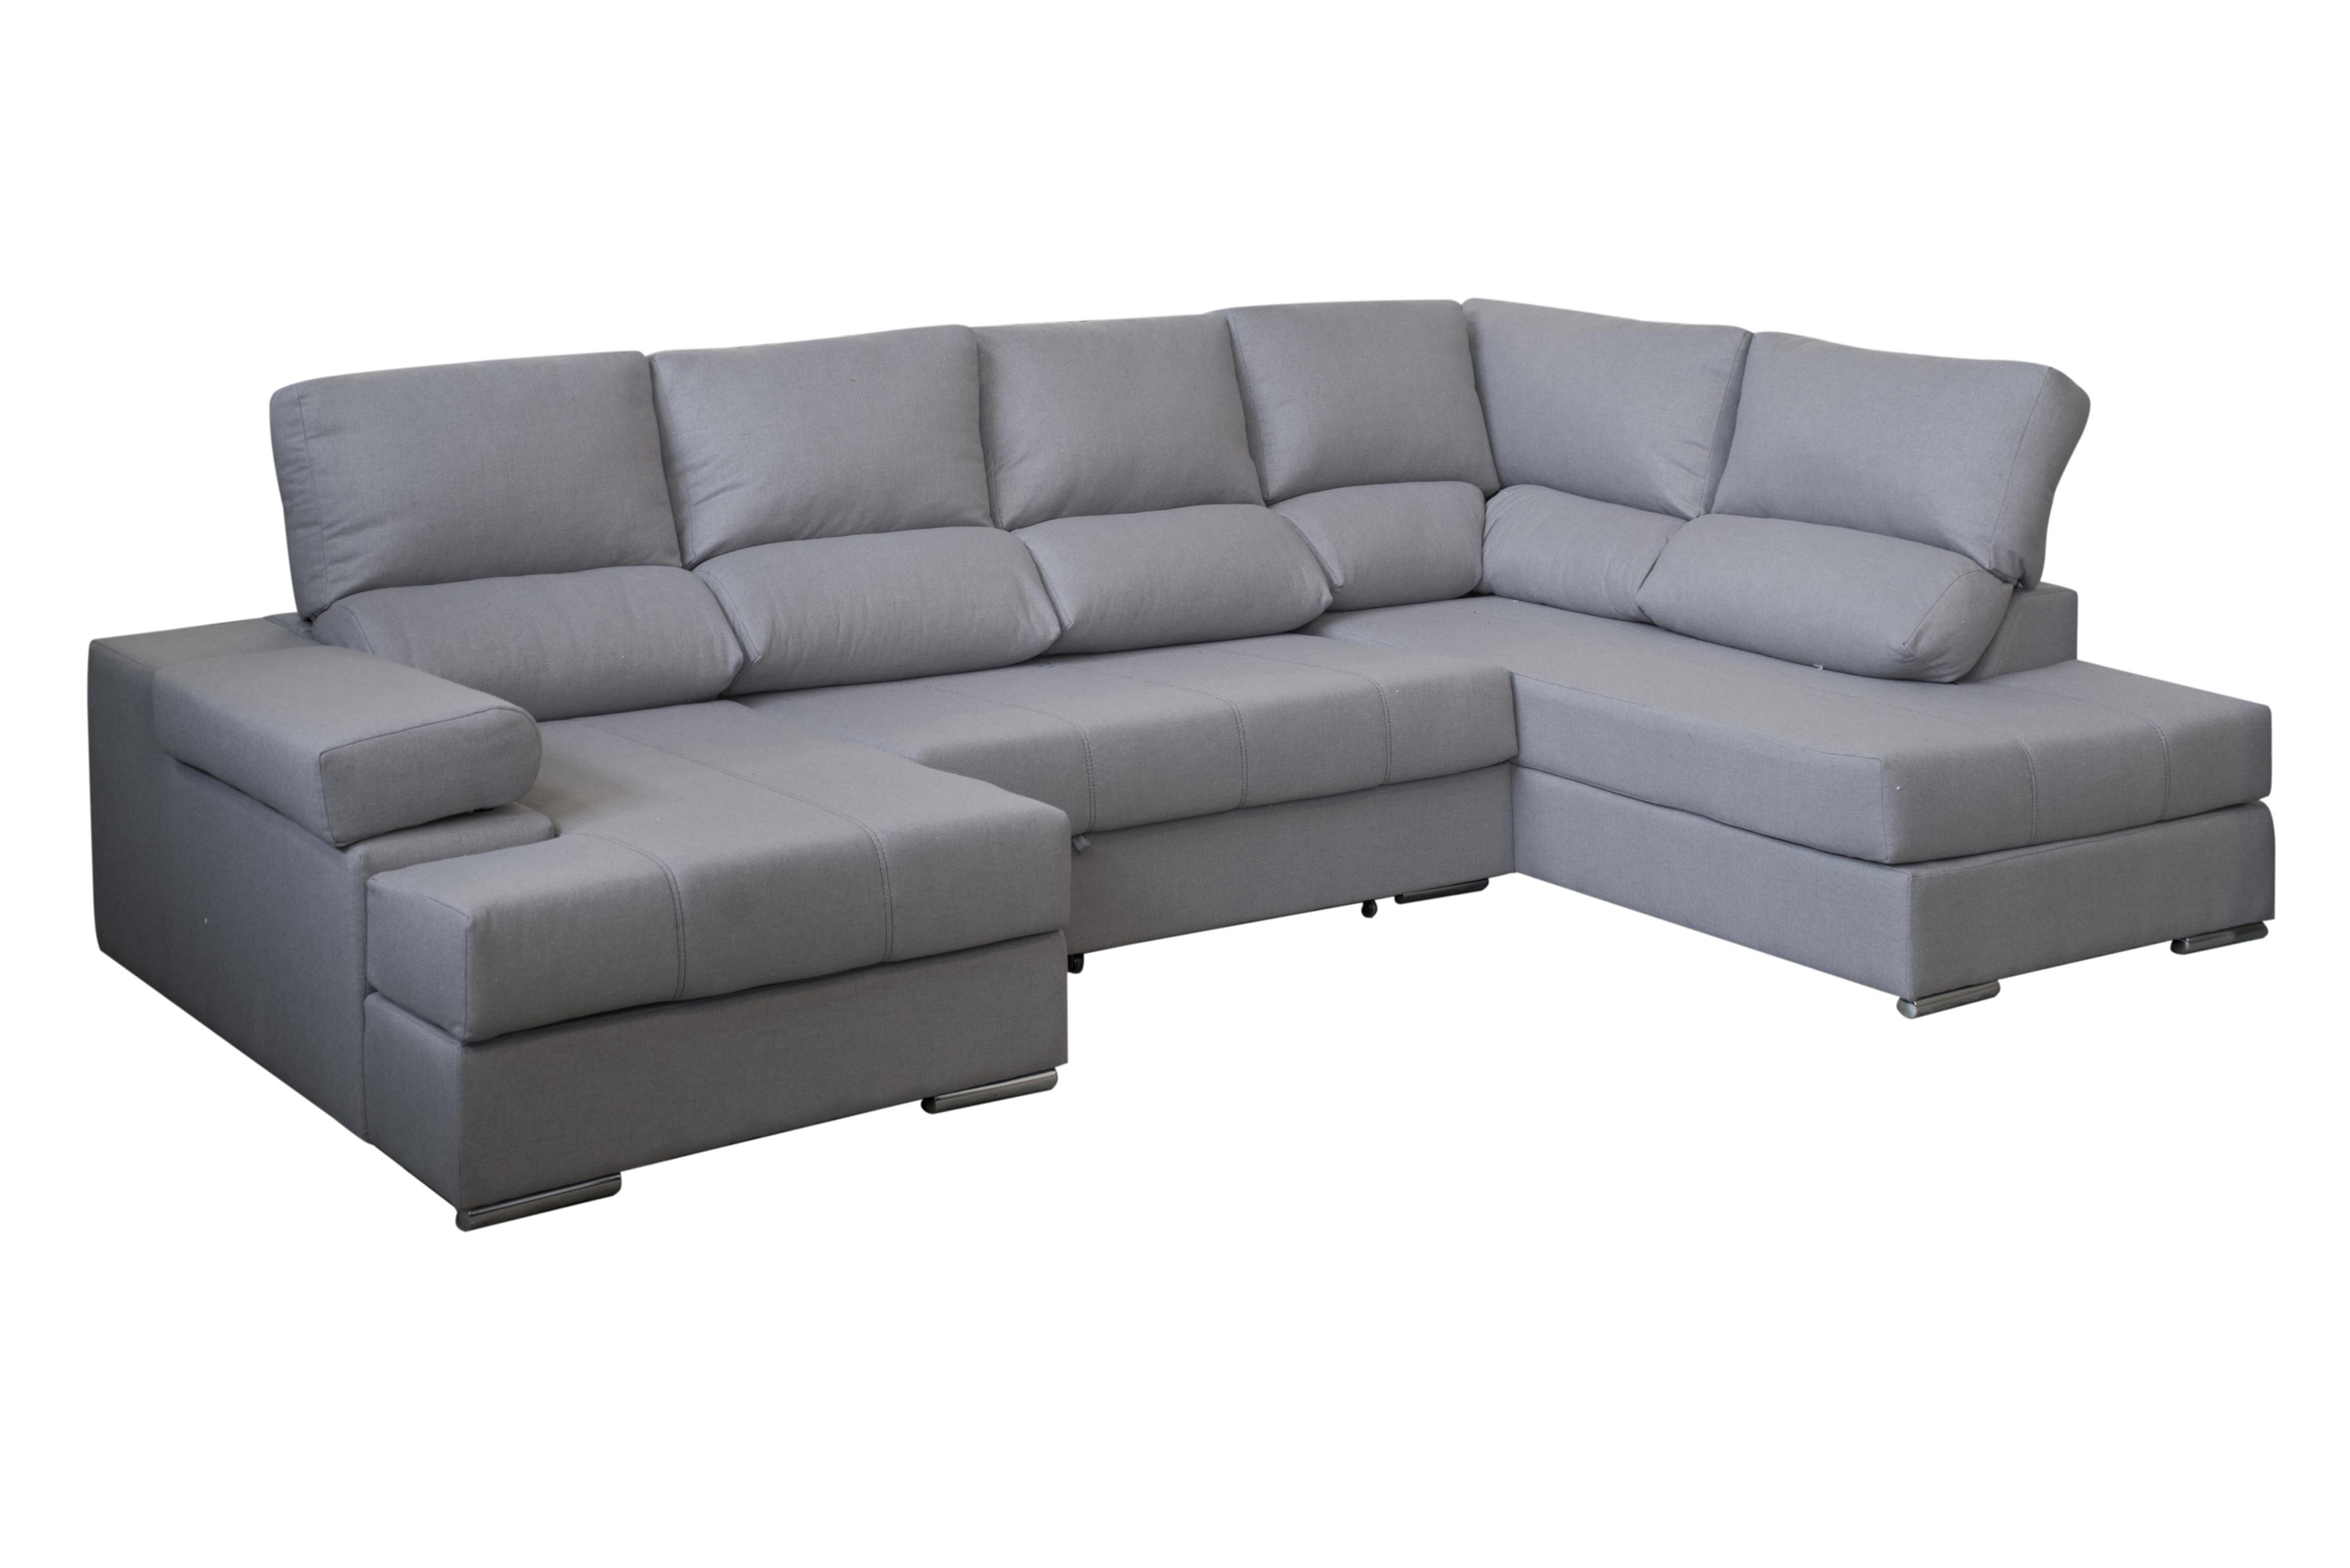 Selecci N Del Muebles Al Mejor Precio Muebles Bandama # Muebles Bandama